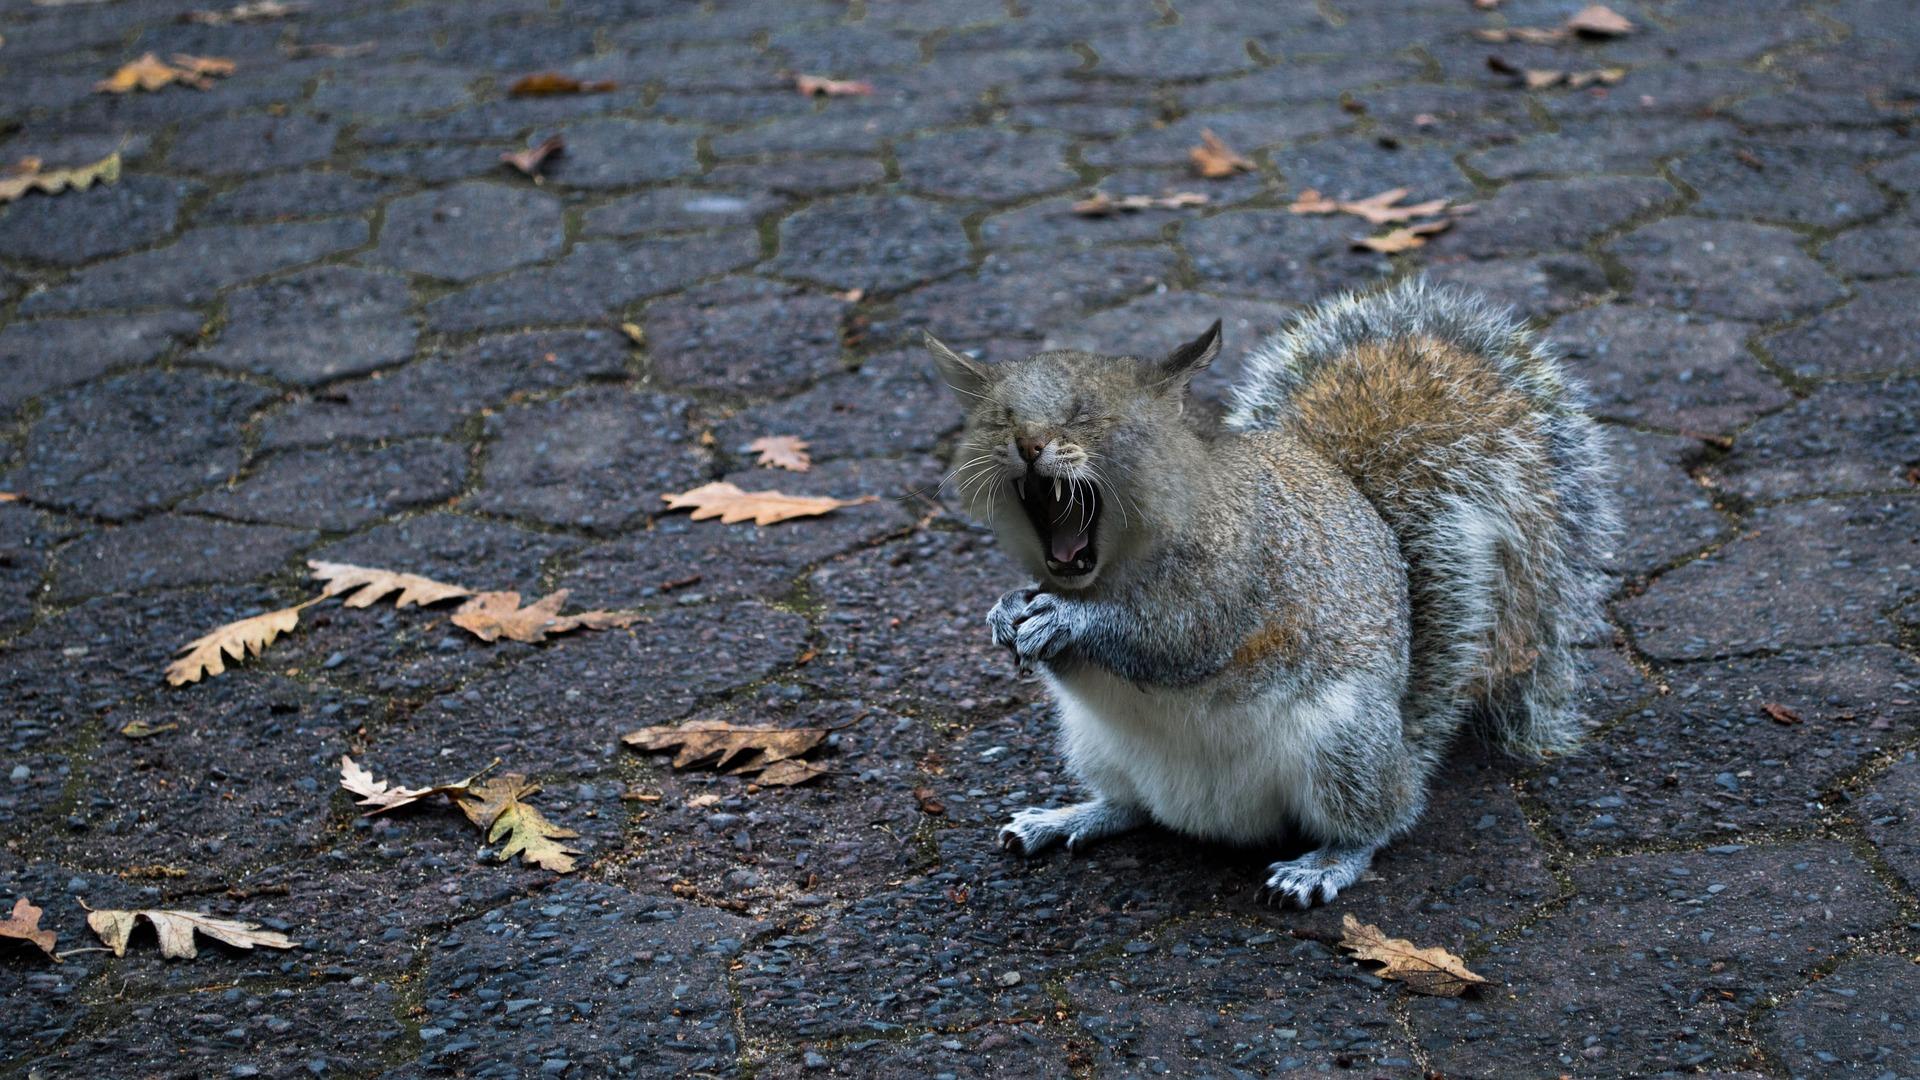 Squirrel Cat, Wild, Squirrel, Cat, Animal, HQ Photo